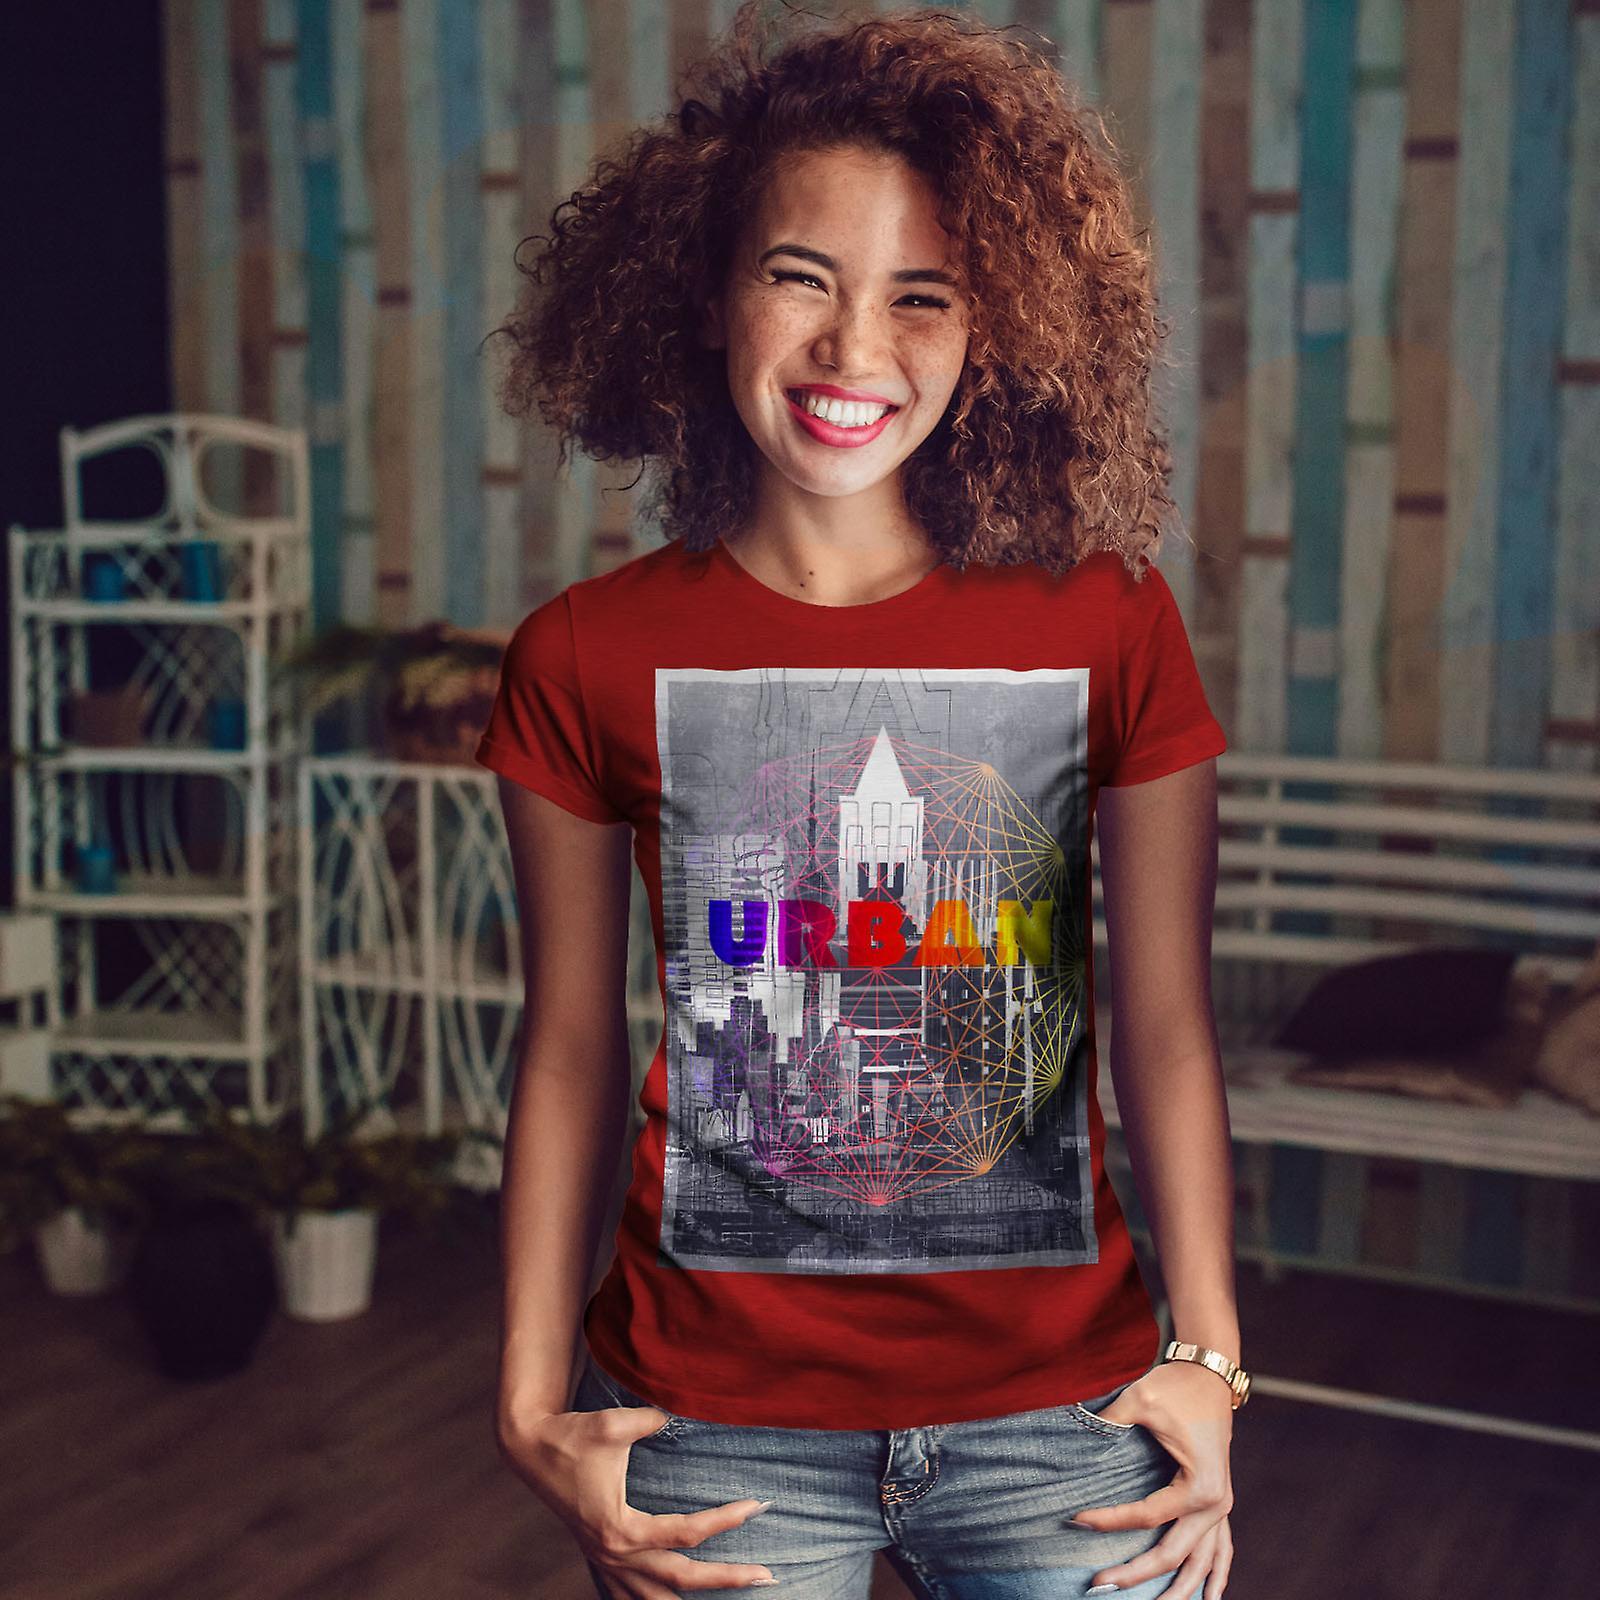 RedT-chemise de femme chic urbain | Wellcoda